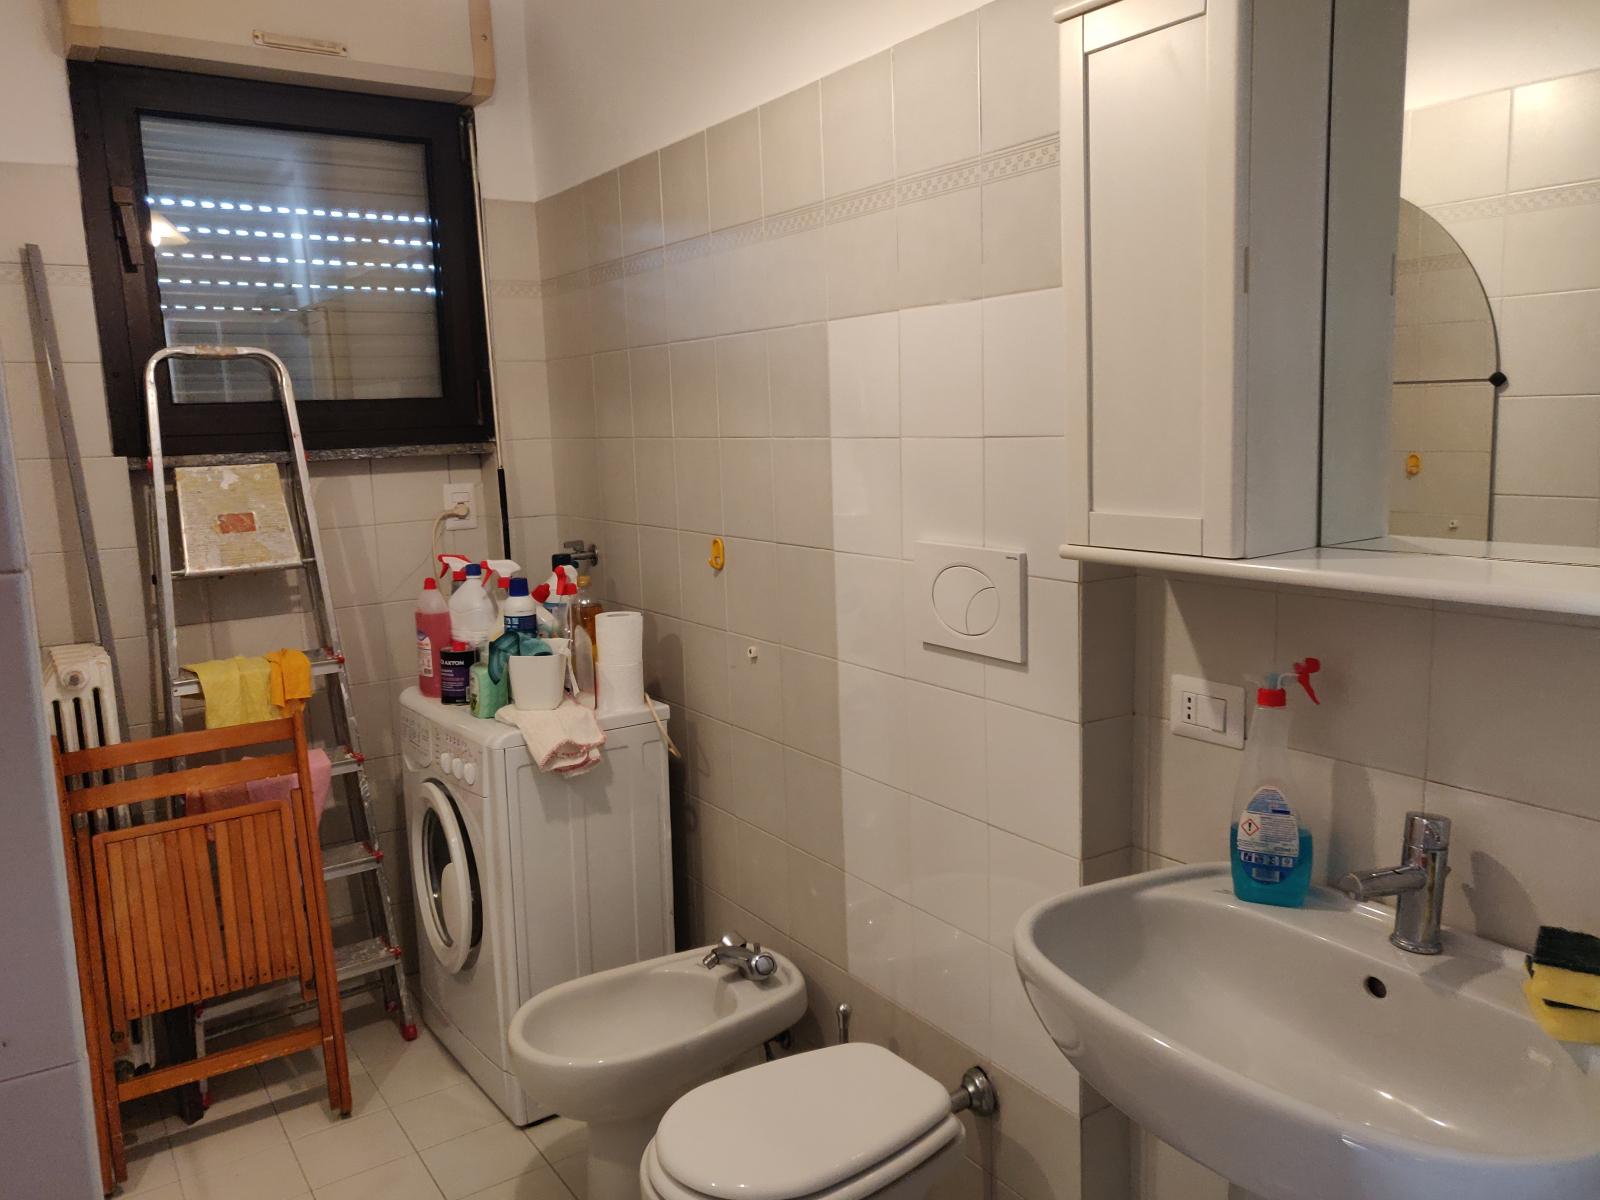 appartamento-in-vendita-bilocale-2-locali-milano-baggio-cividale-del-friuli-spaziourbano-immobiliare-vende-3